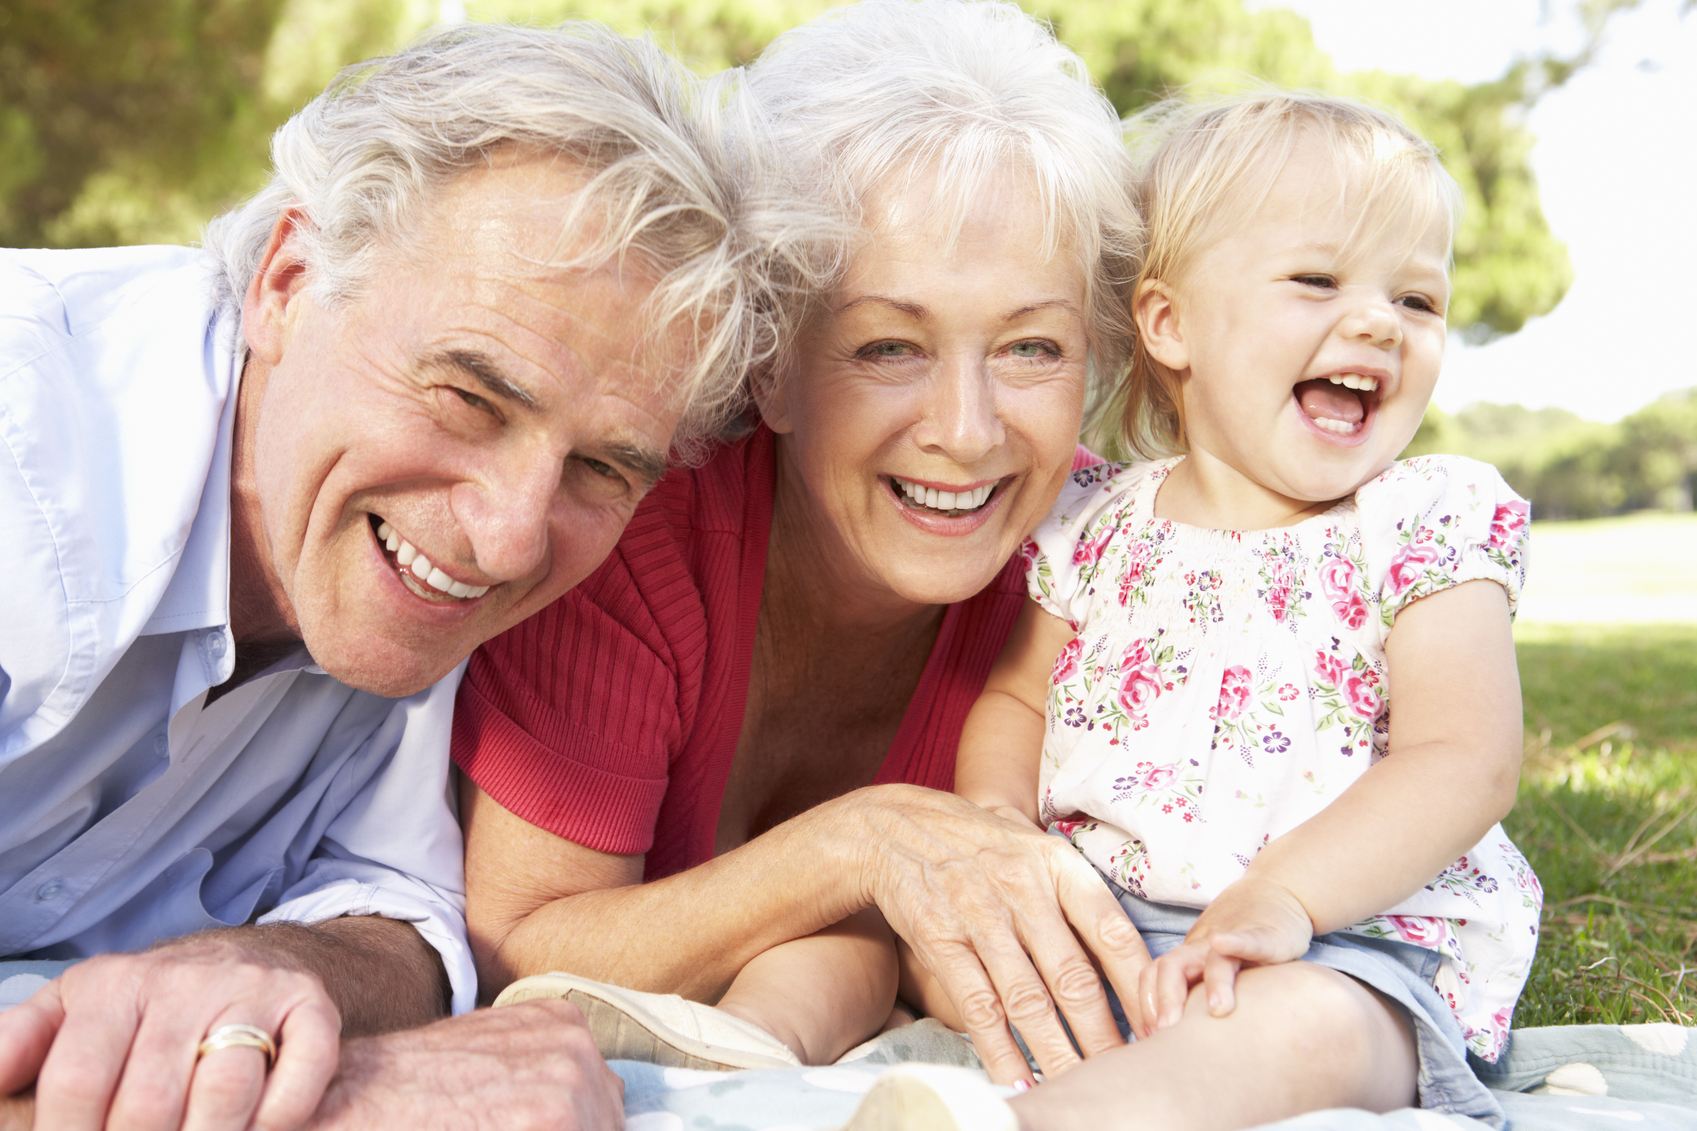 Los abuelos y su relación en la familia